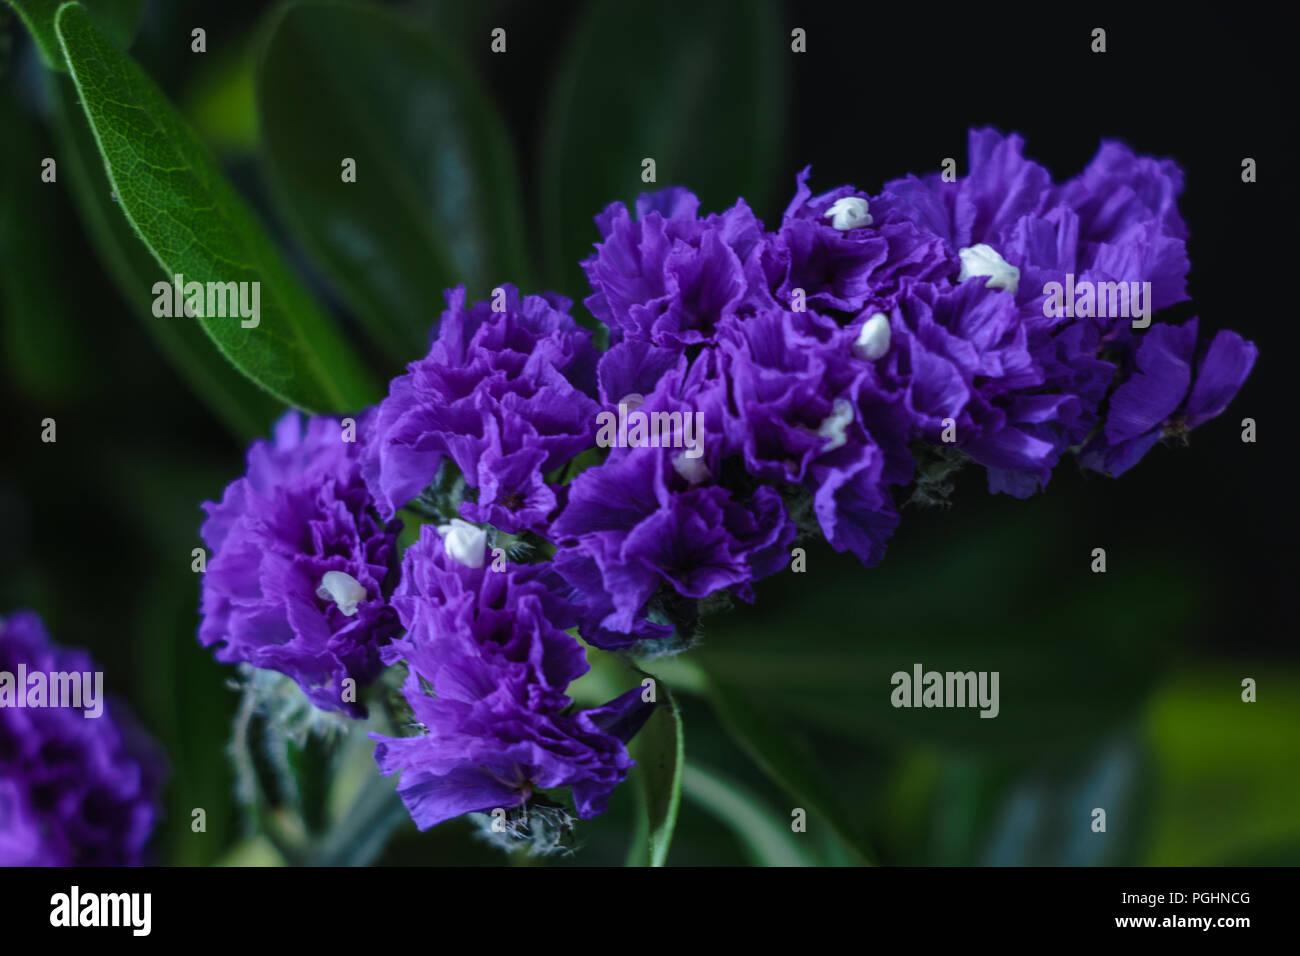 Everlasting Flower Stock Photos Everlasting Flower Stock Images